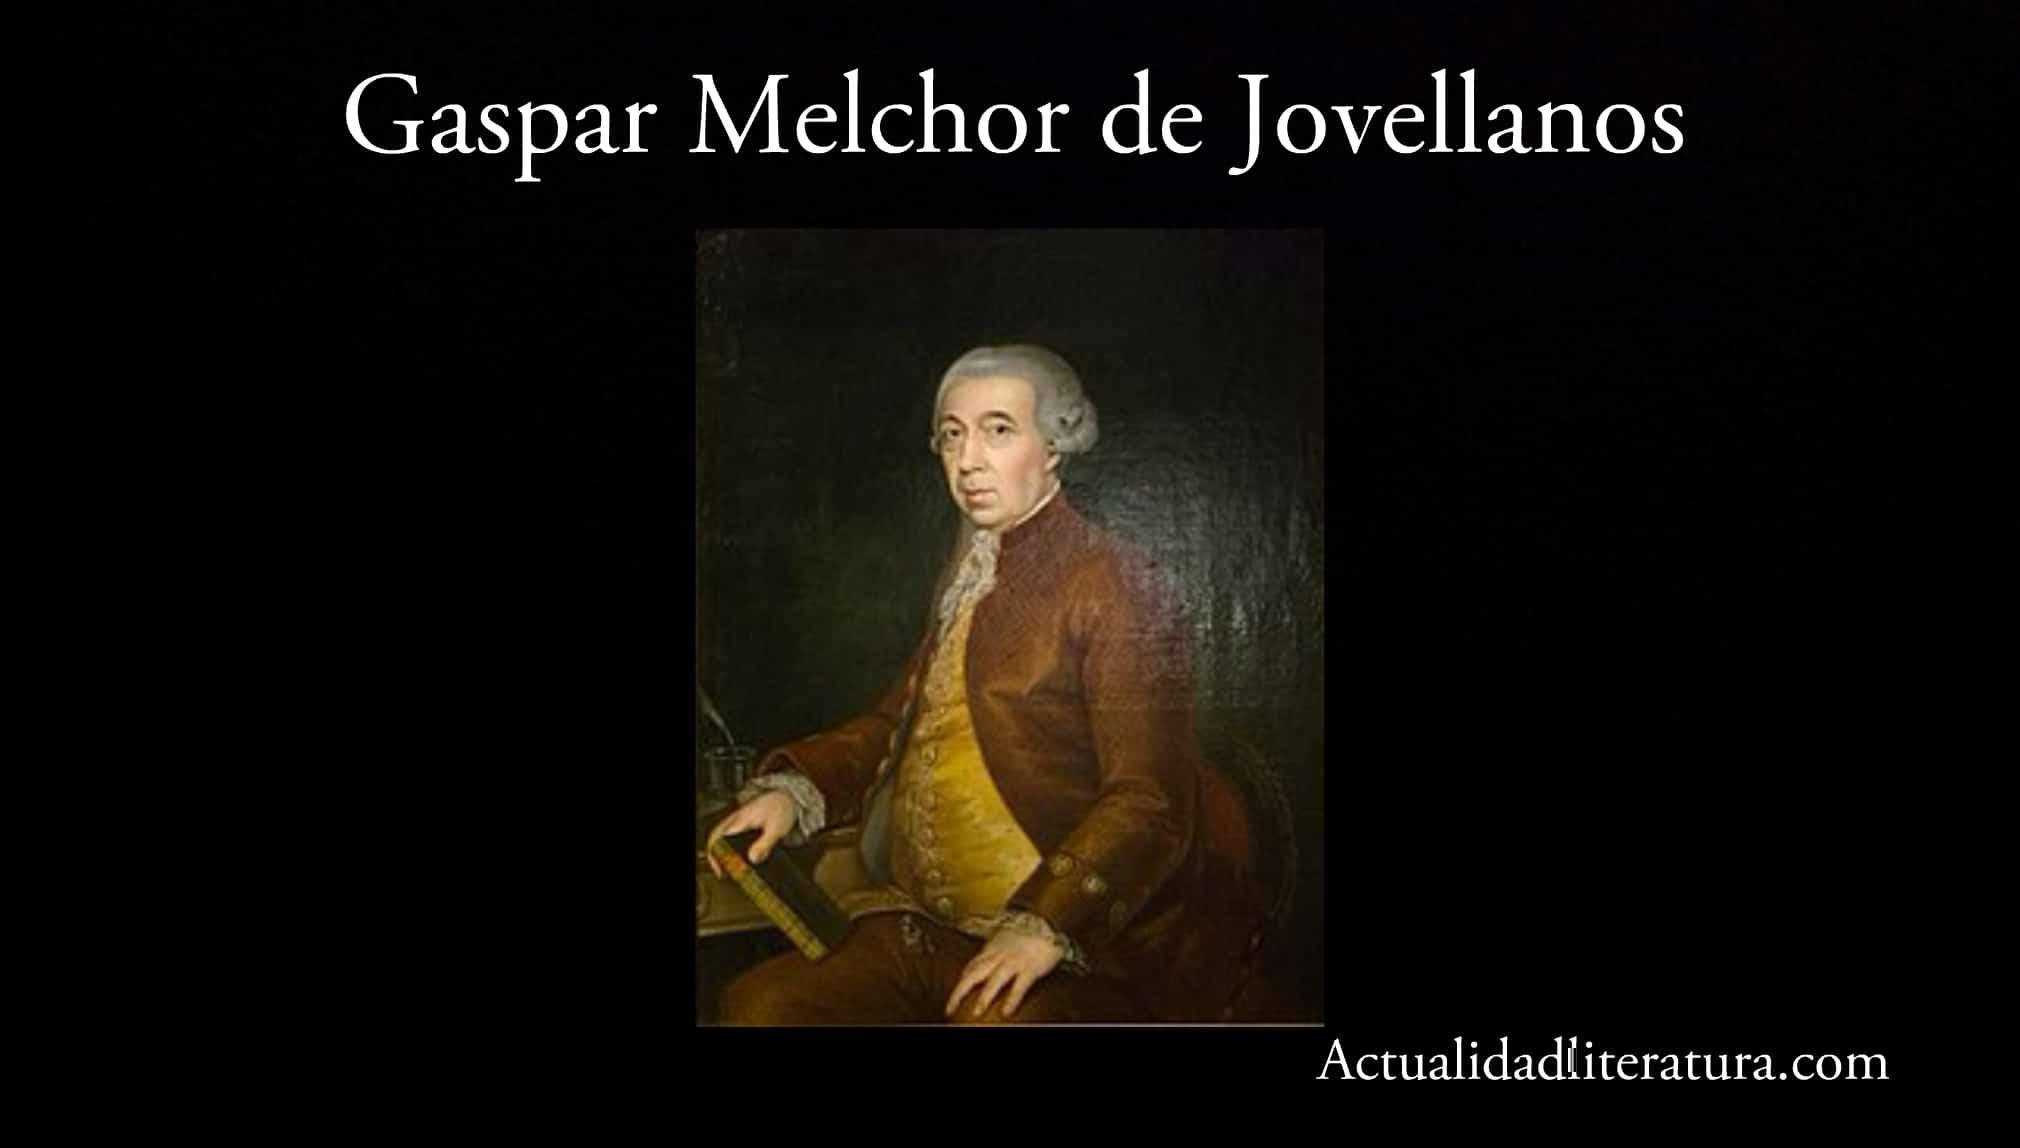 Gaspar Melchor de Jovellanos.